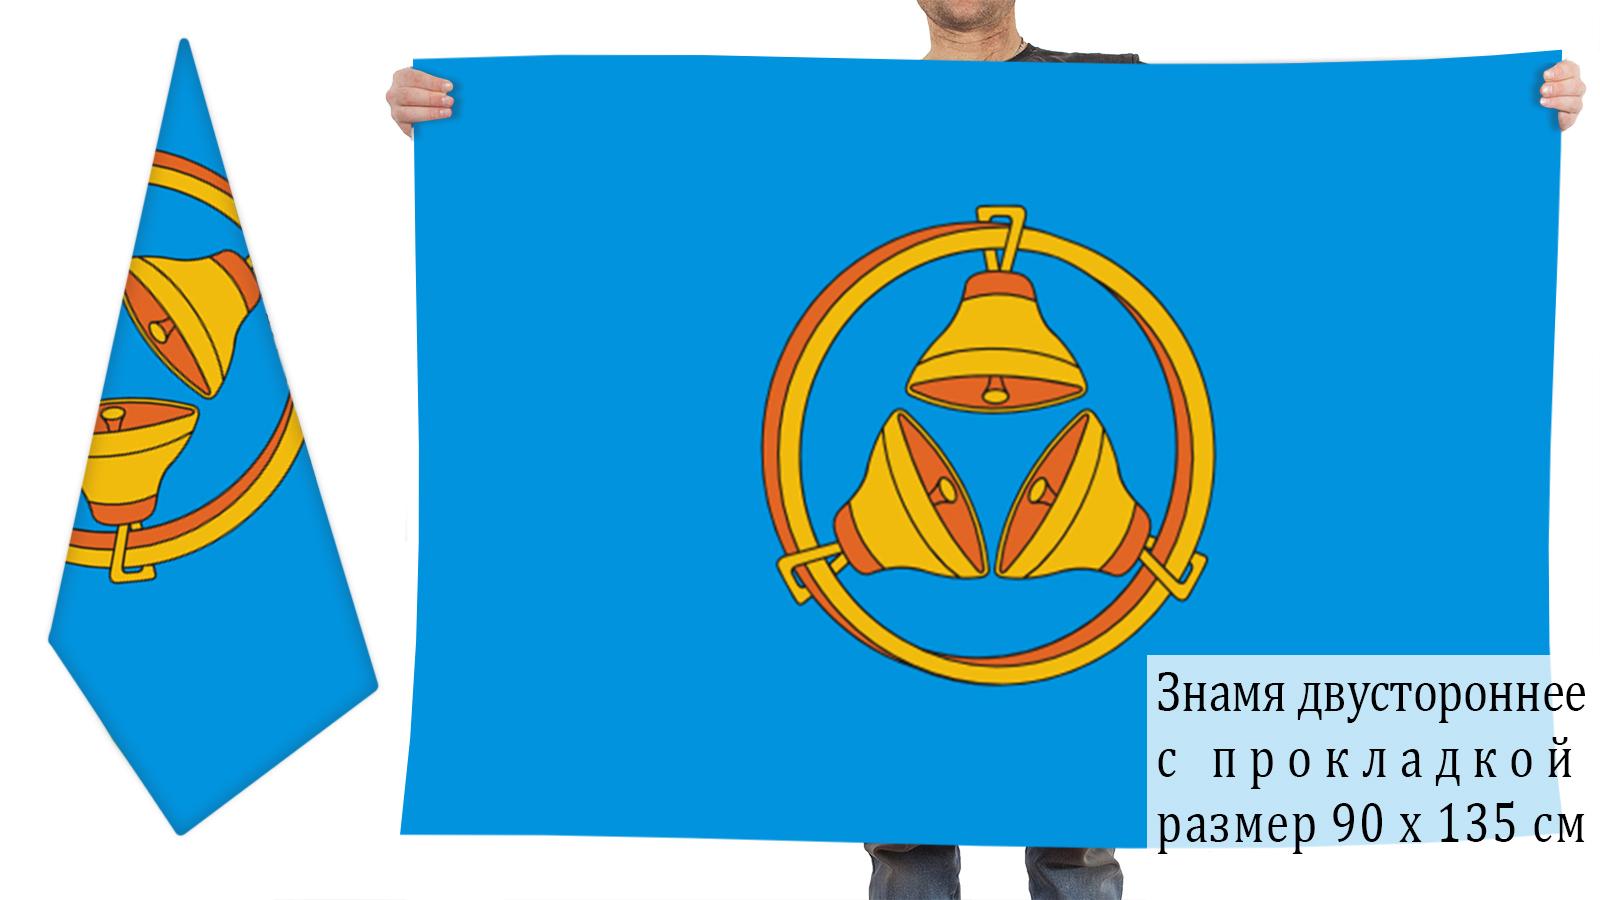 Купить флаг Бологовского района